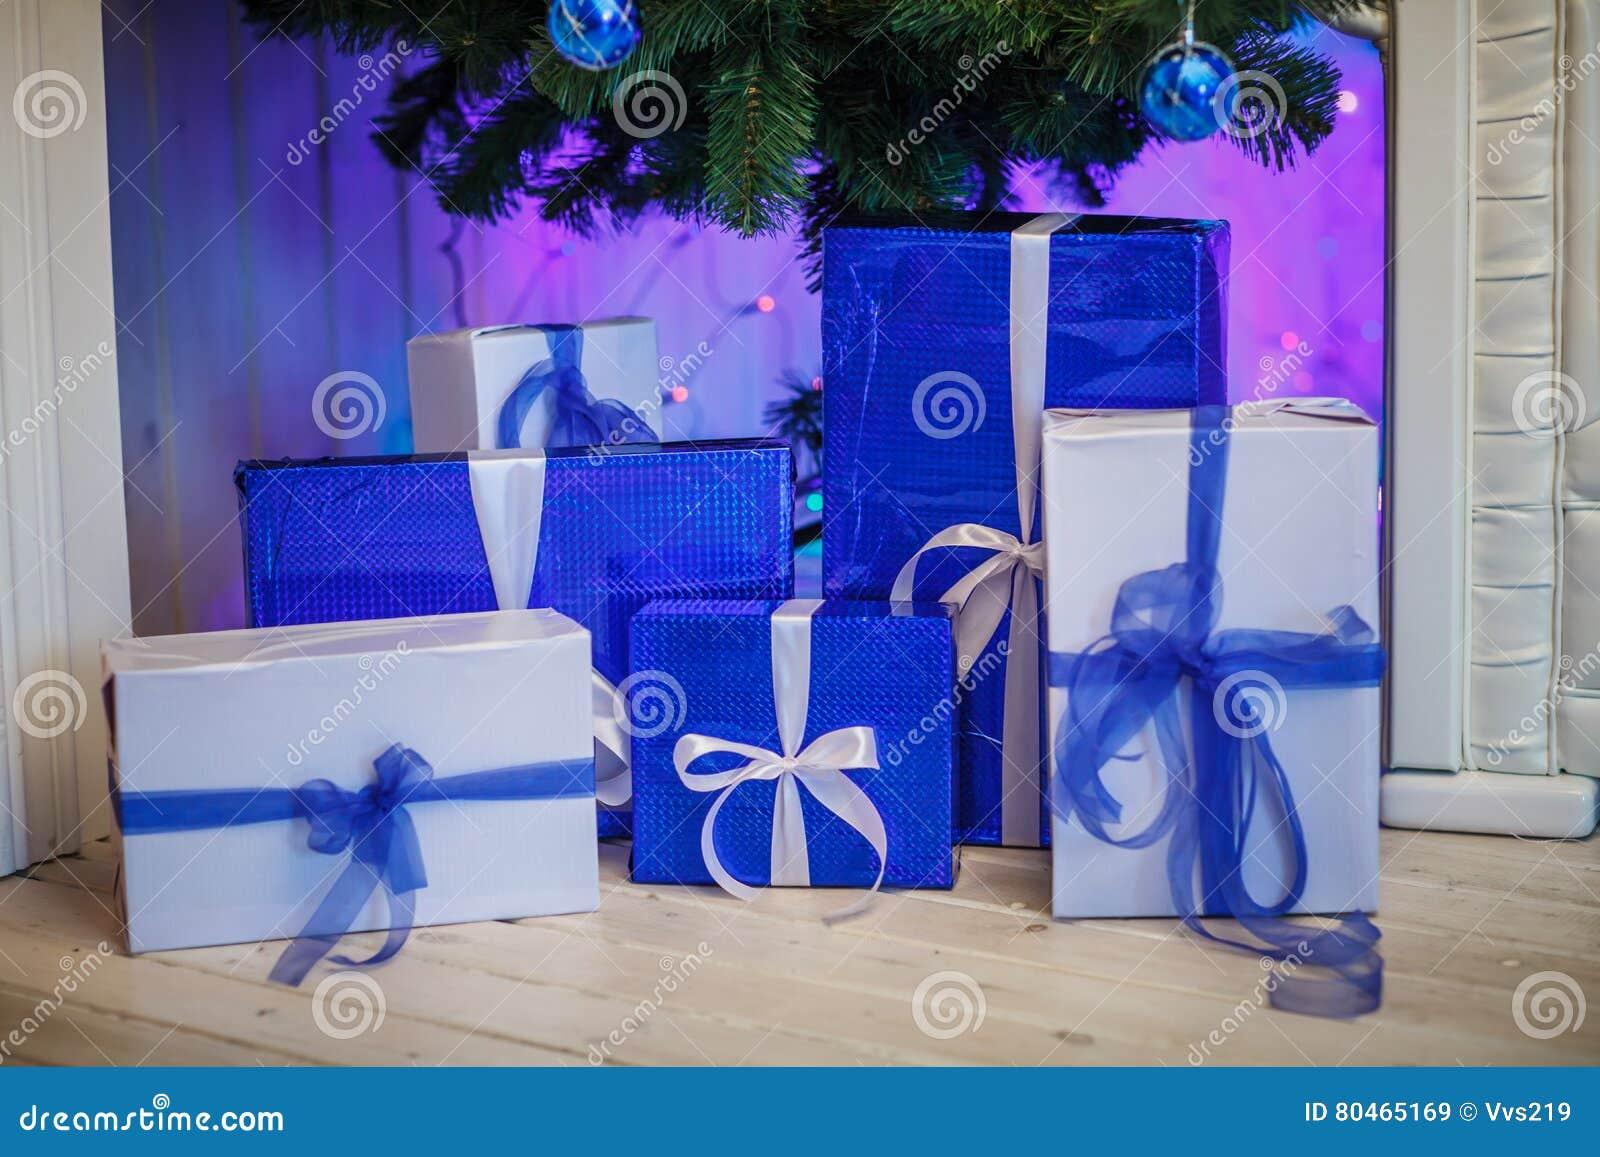 Cajas azules y blancas de la Navidad debajo del árbol Regalos del Año Nuevo